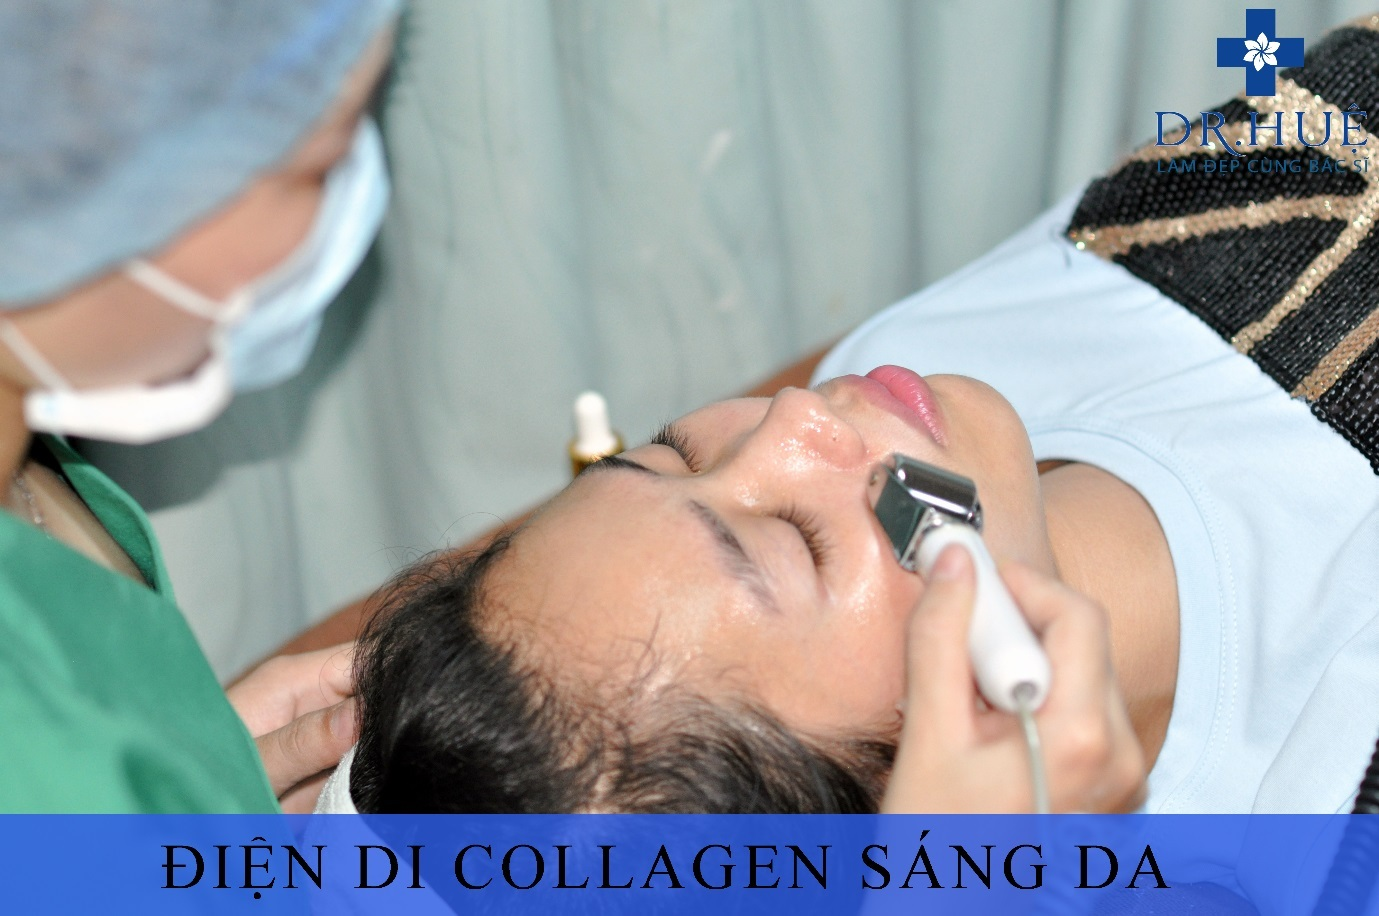 Bí quyết chăm sóc da đẹp như Suzy trong phim Khi nàng say giấc - Điều trị mụn Dr Huệ - Hình 3